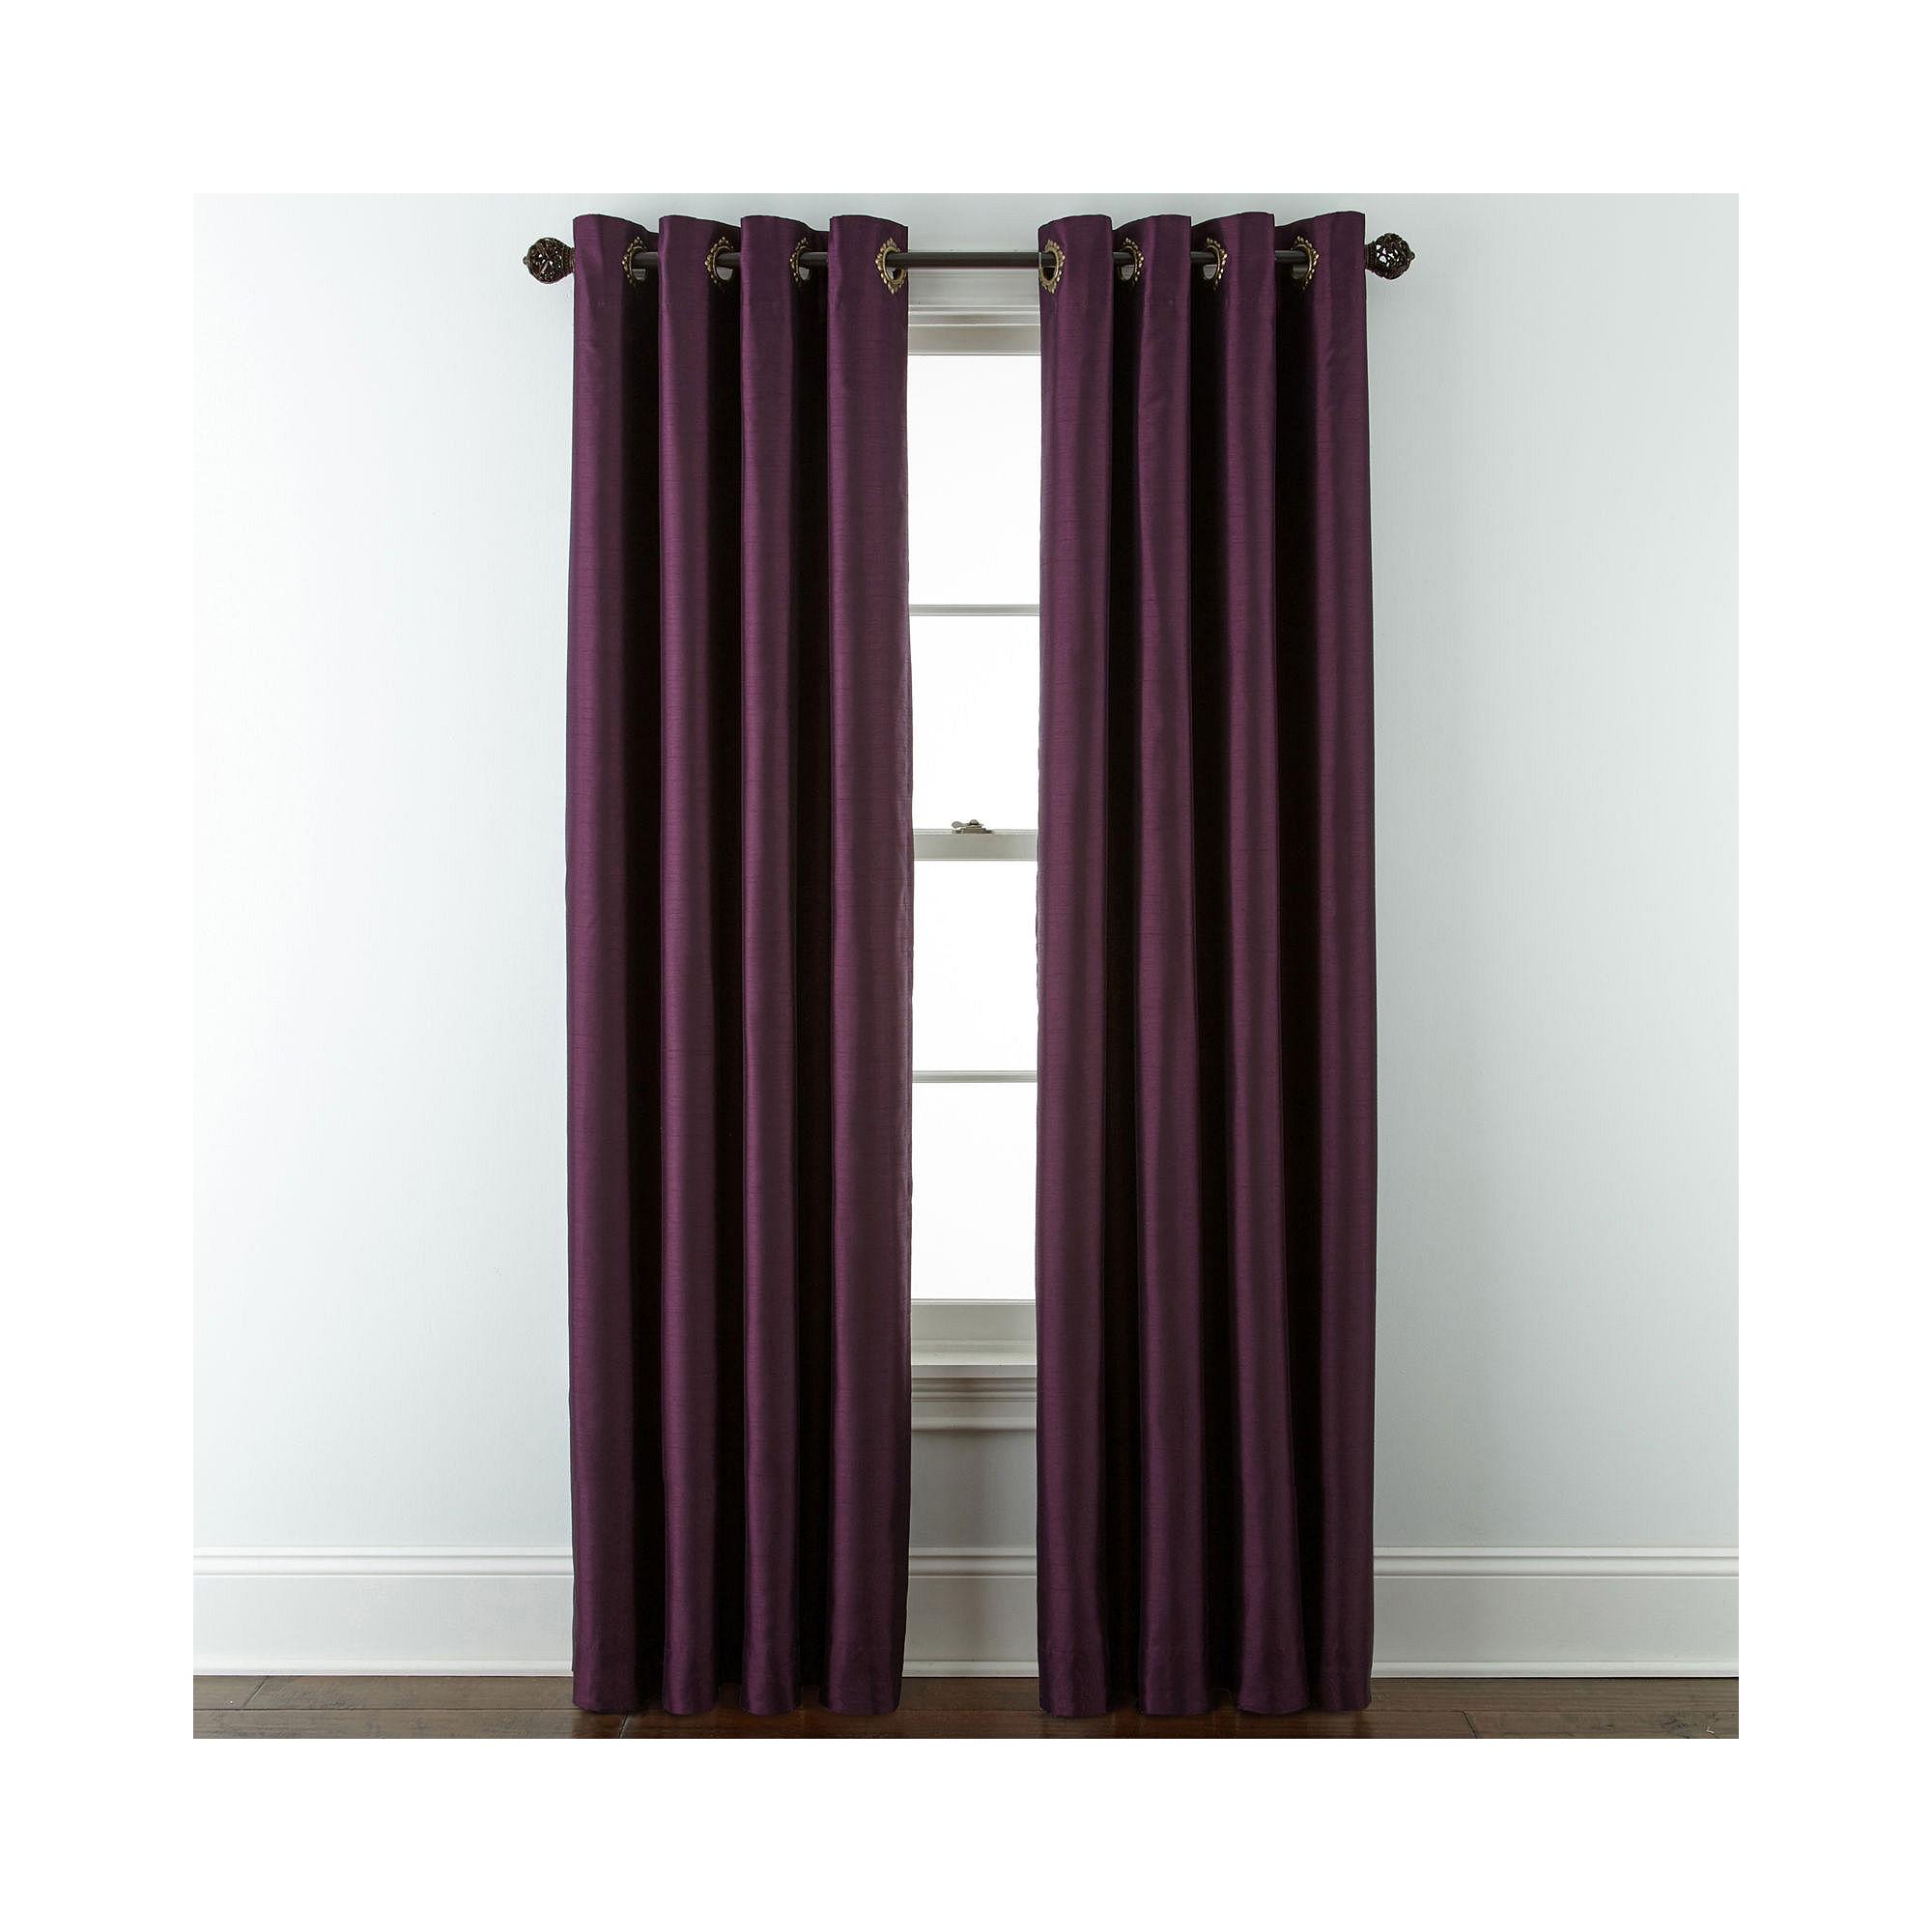 Upc 073107880059 Royal Velvet Plaza Grommet Top Lined Blackout Curtain Panel